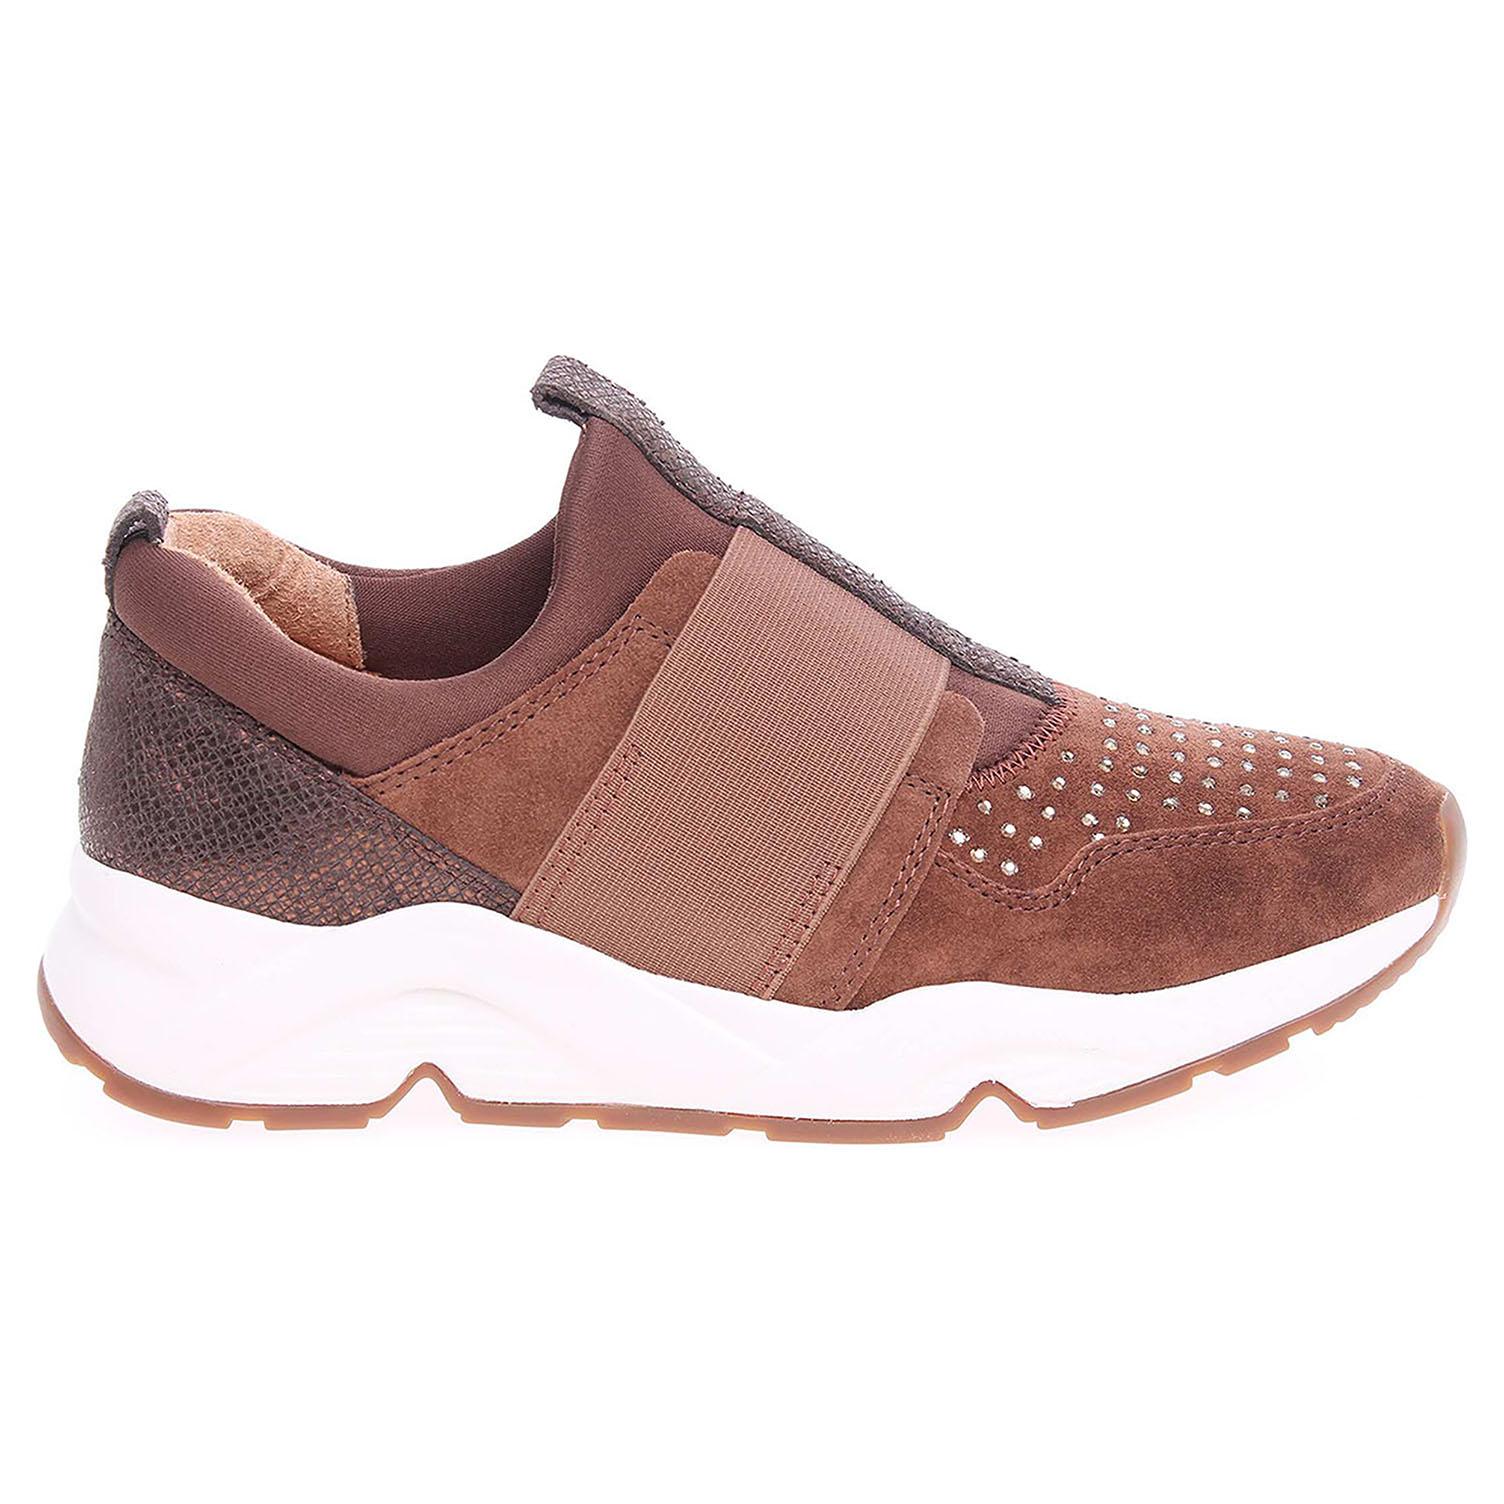 Gabor dámská obuv 76.321.34 hnědá 76.321.34 37